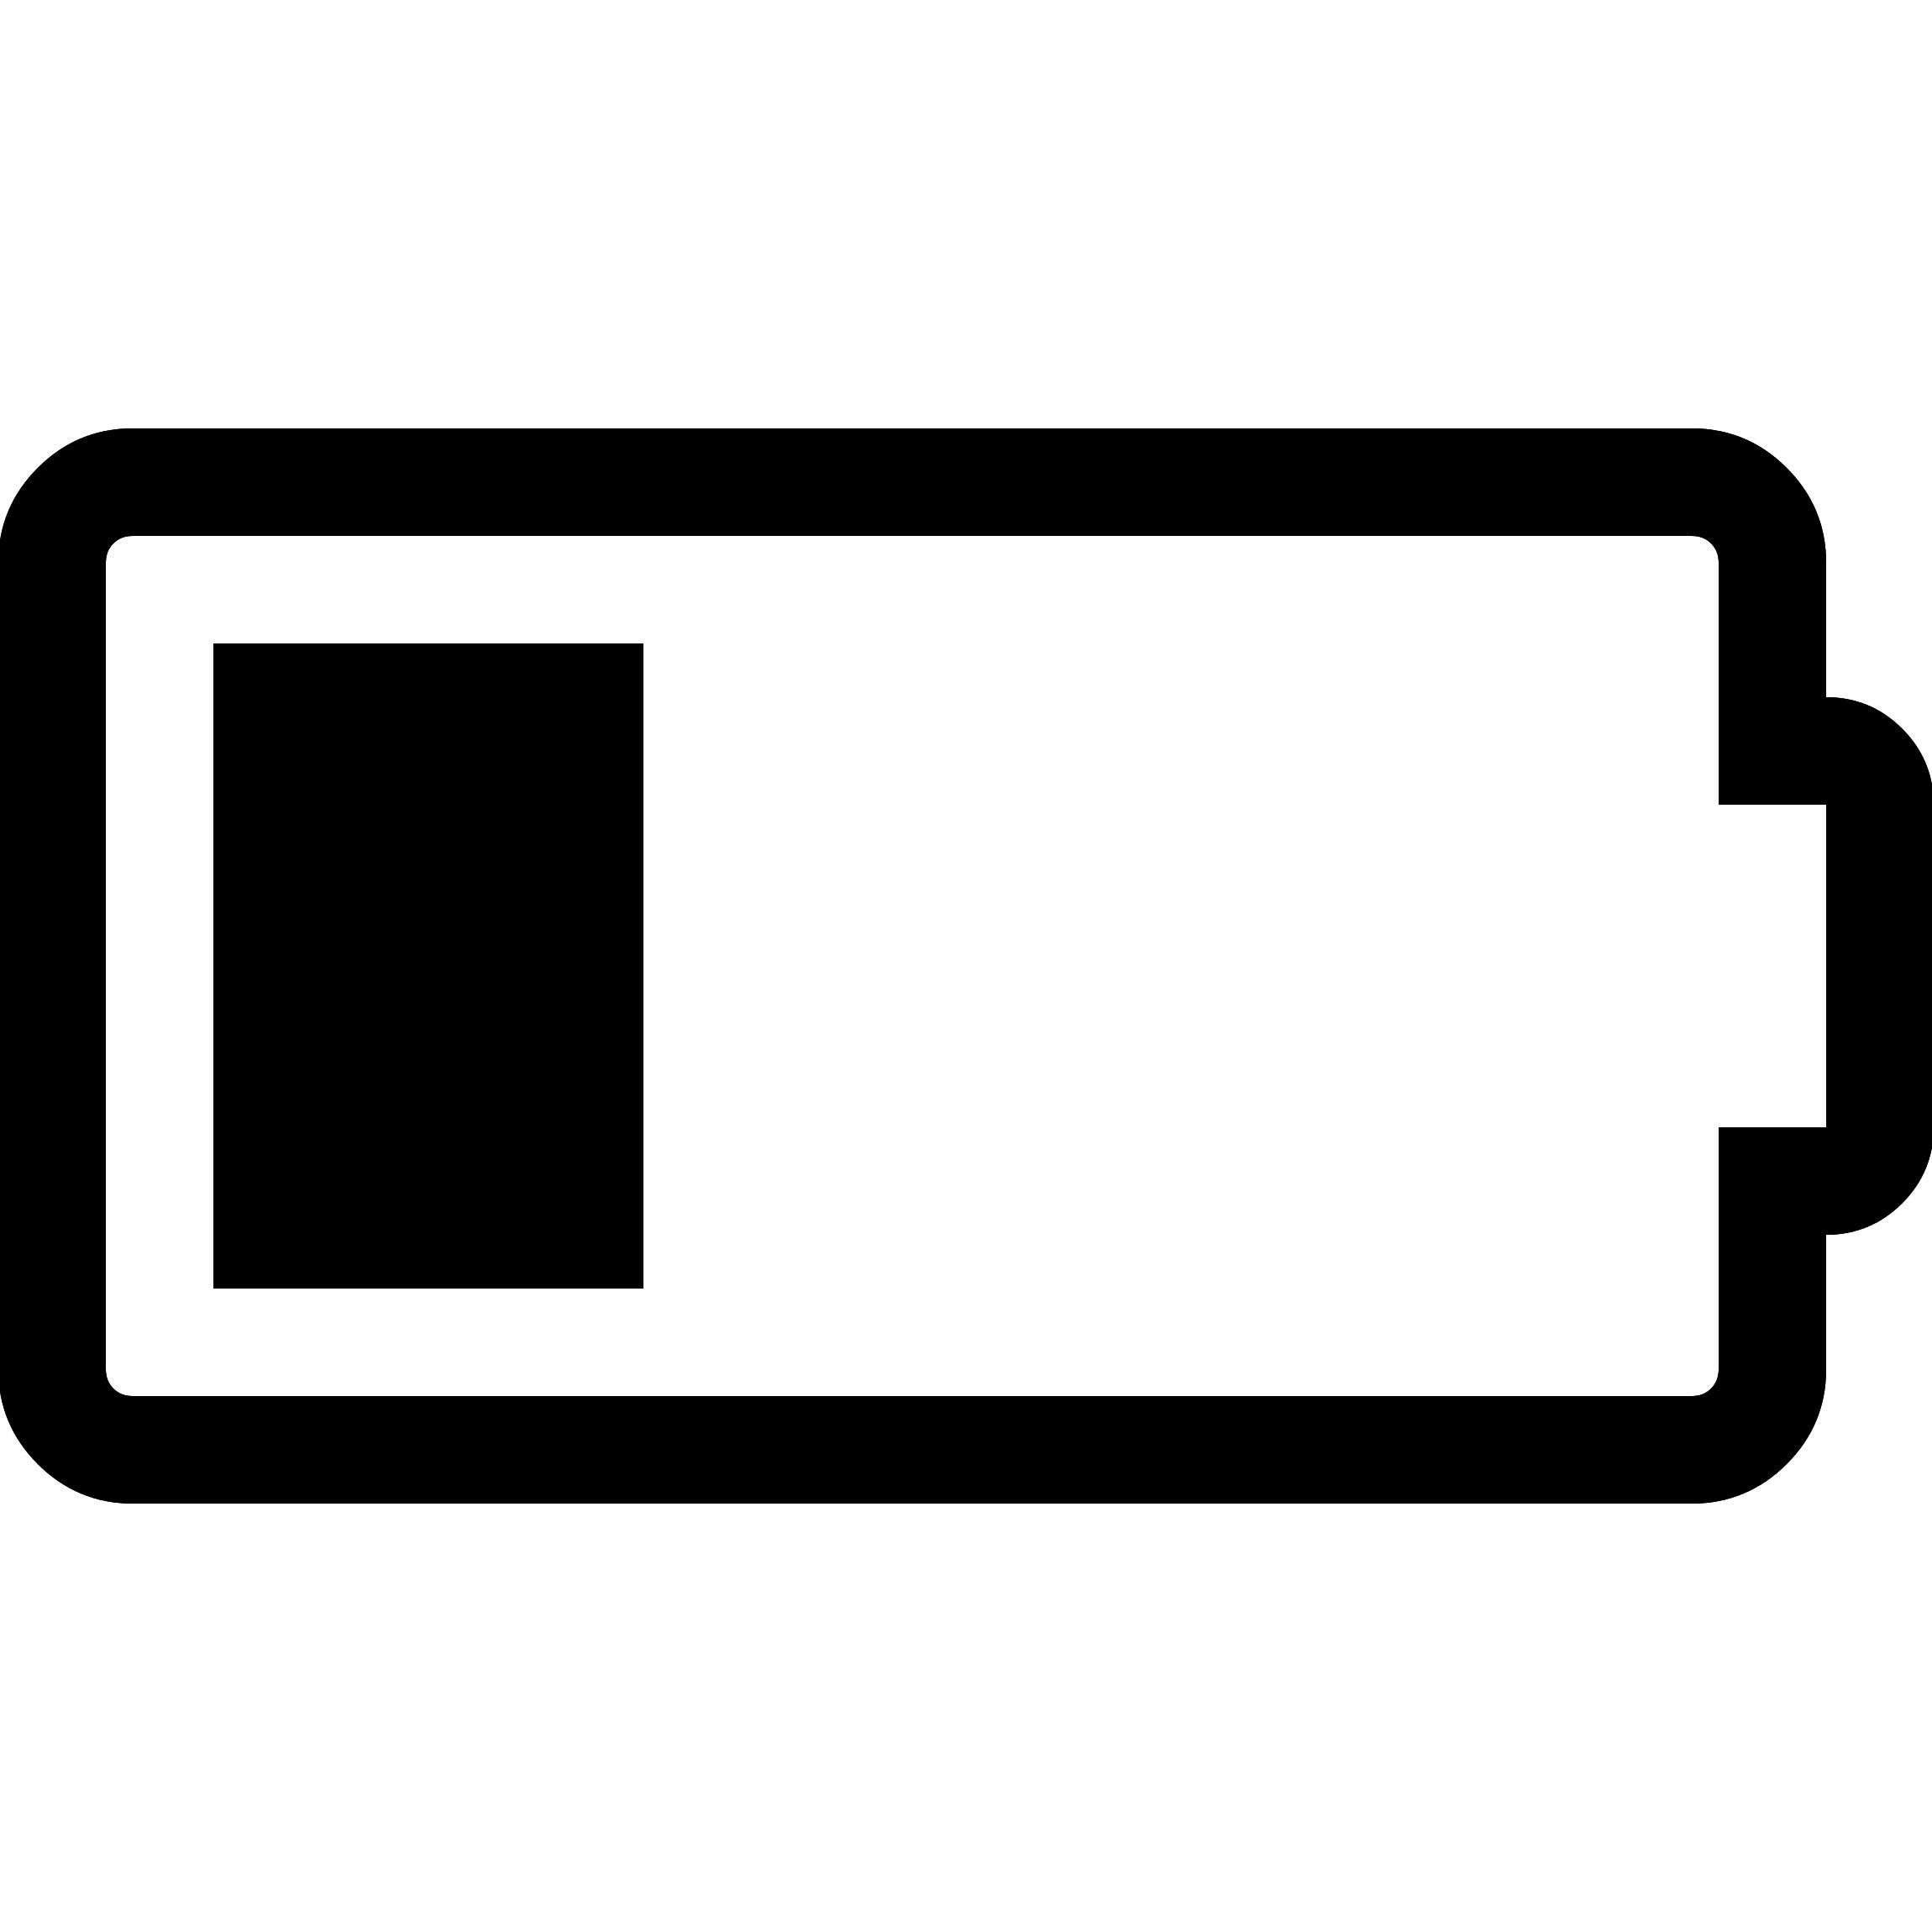 data/images/battery-quarter.png